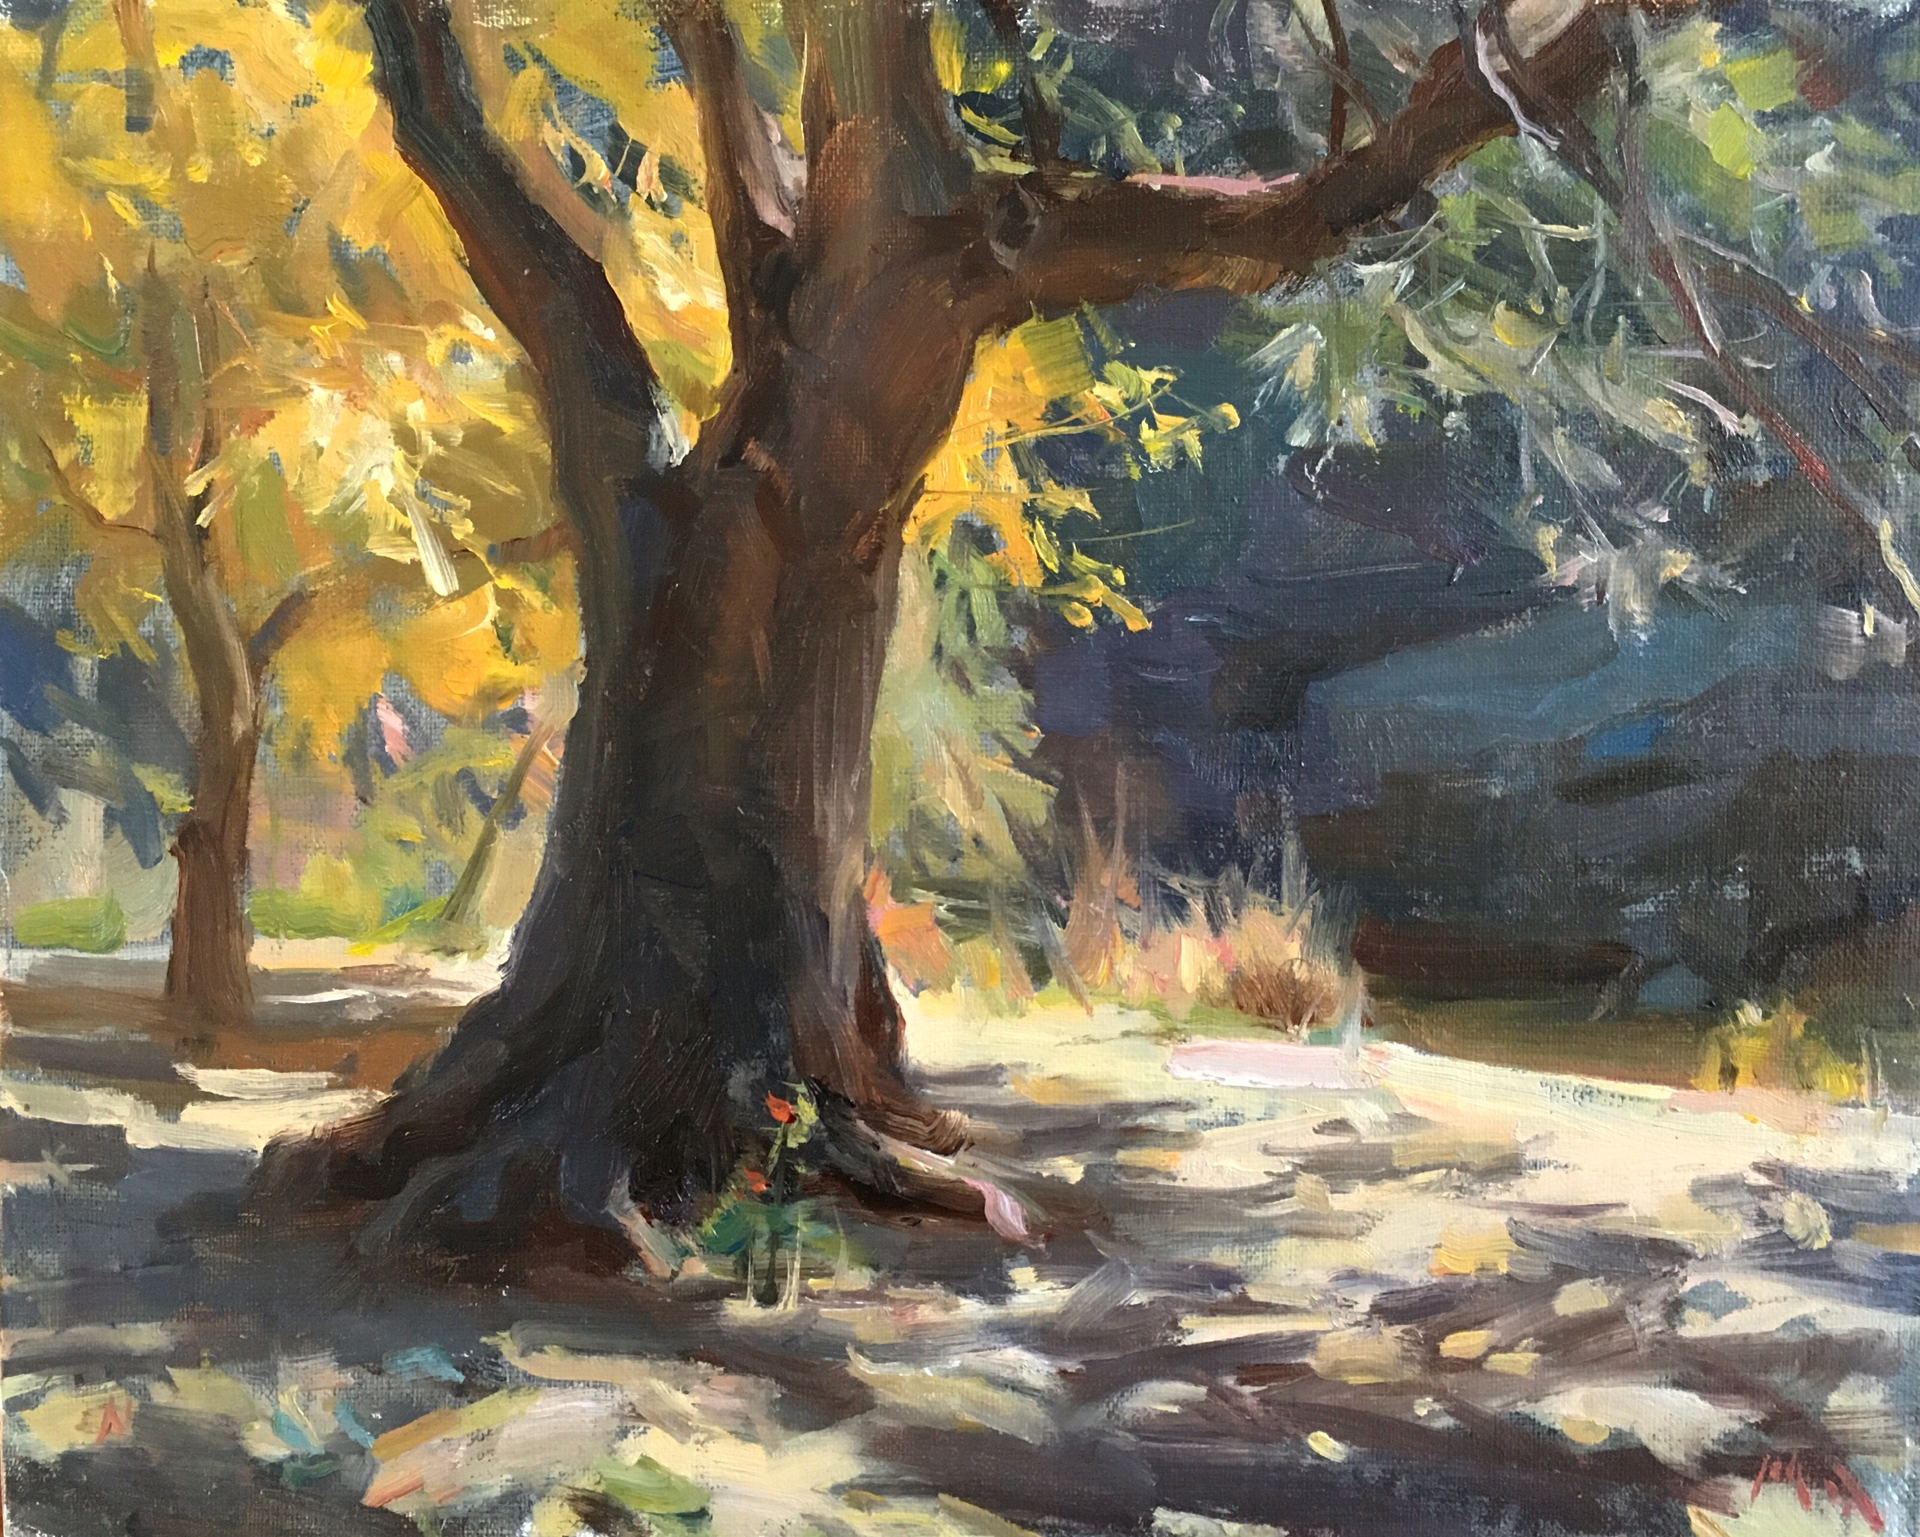 Bull Creek Autumn by Kyle Ma